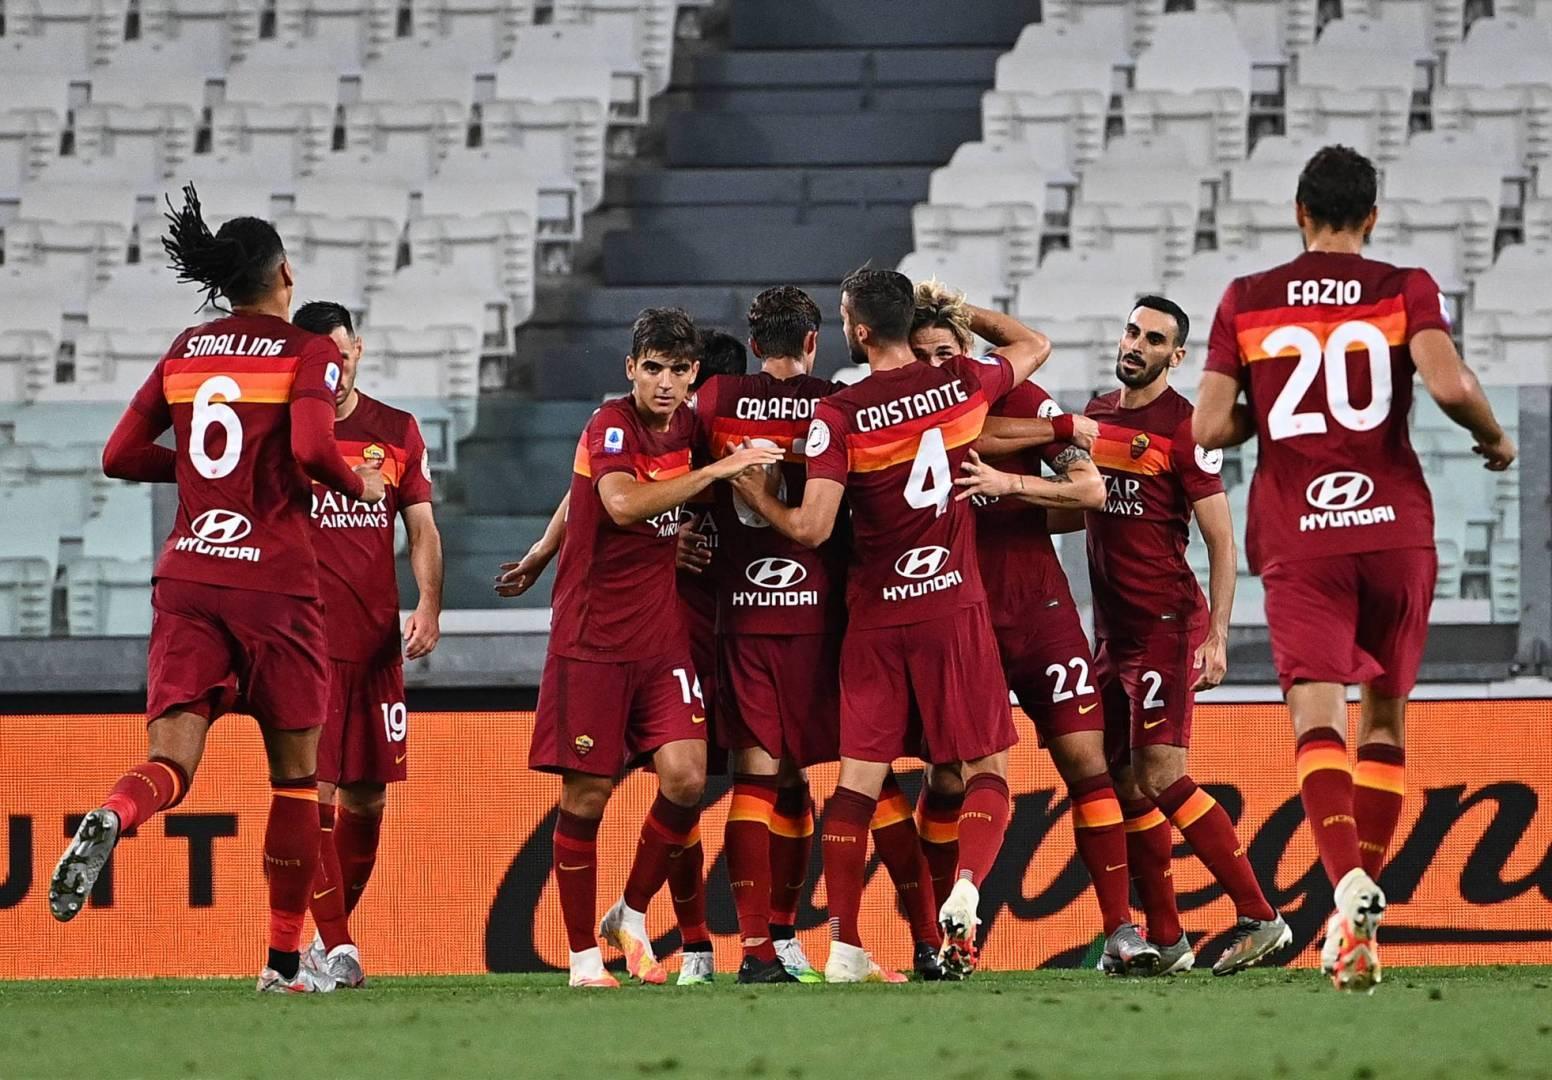 بث مباشر مباراة روما وسامبدوريا